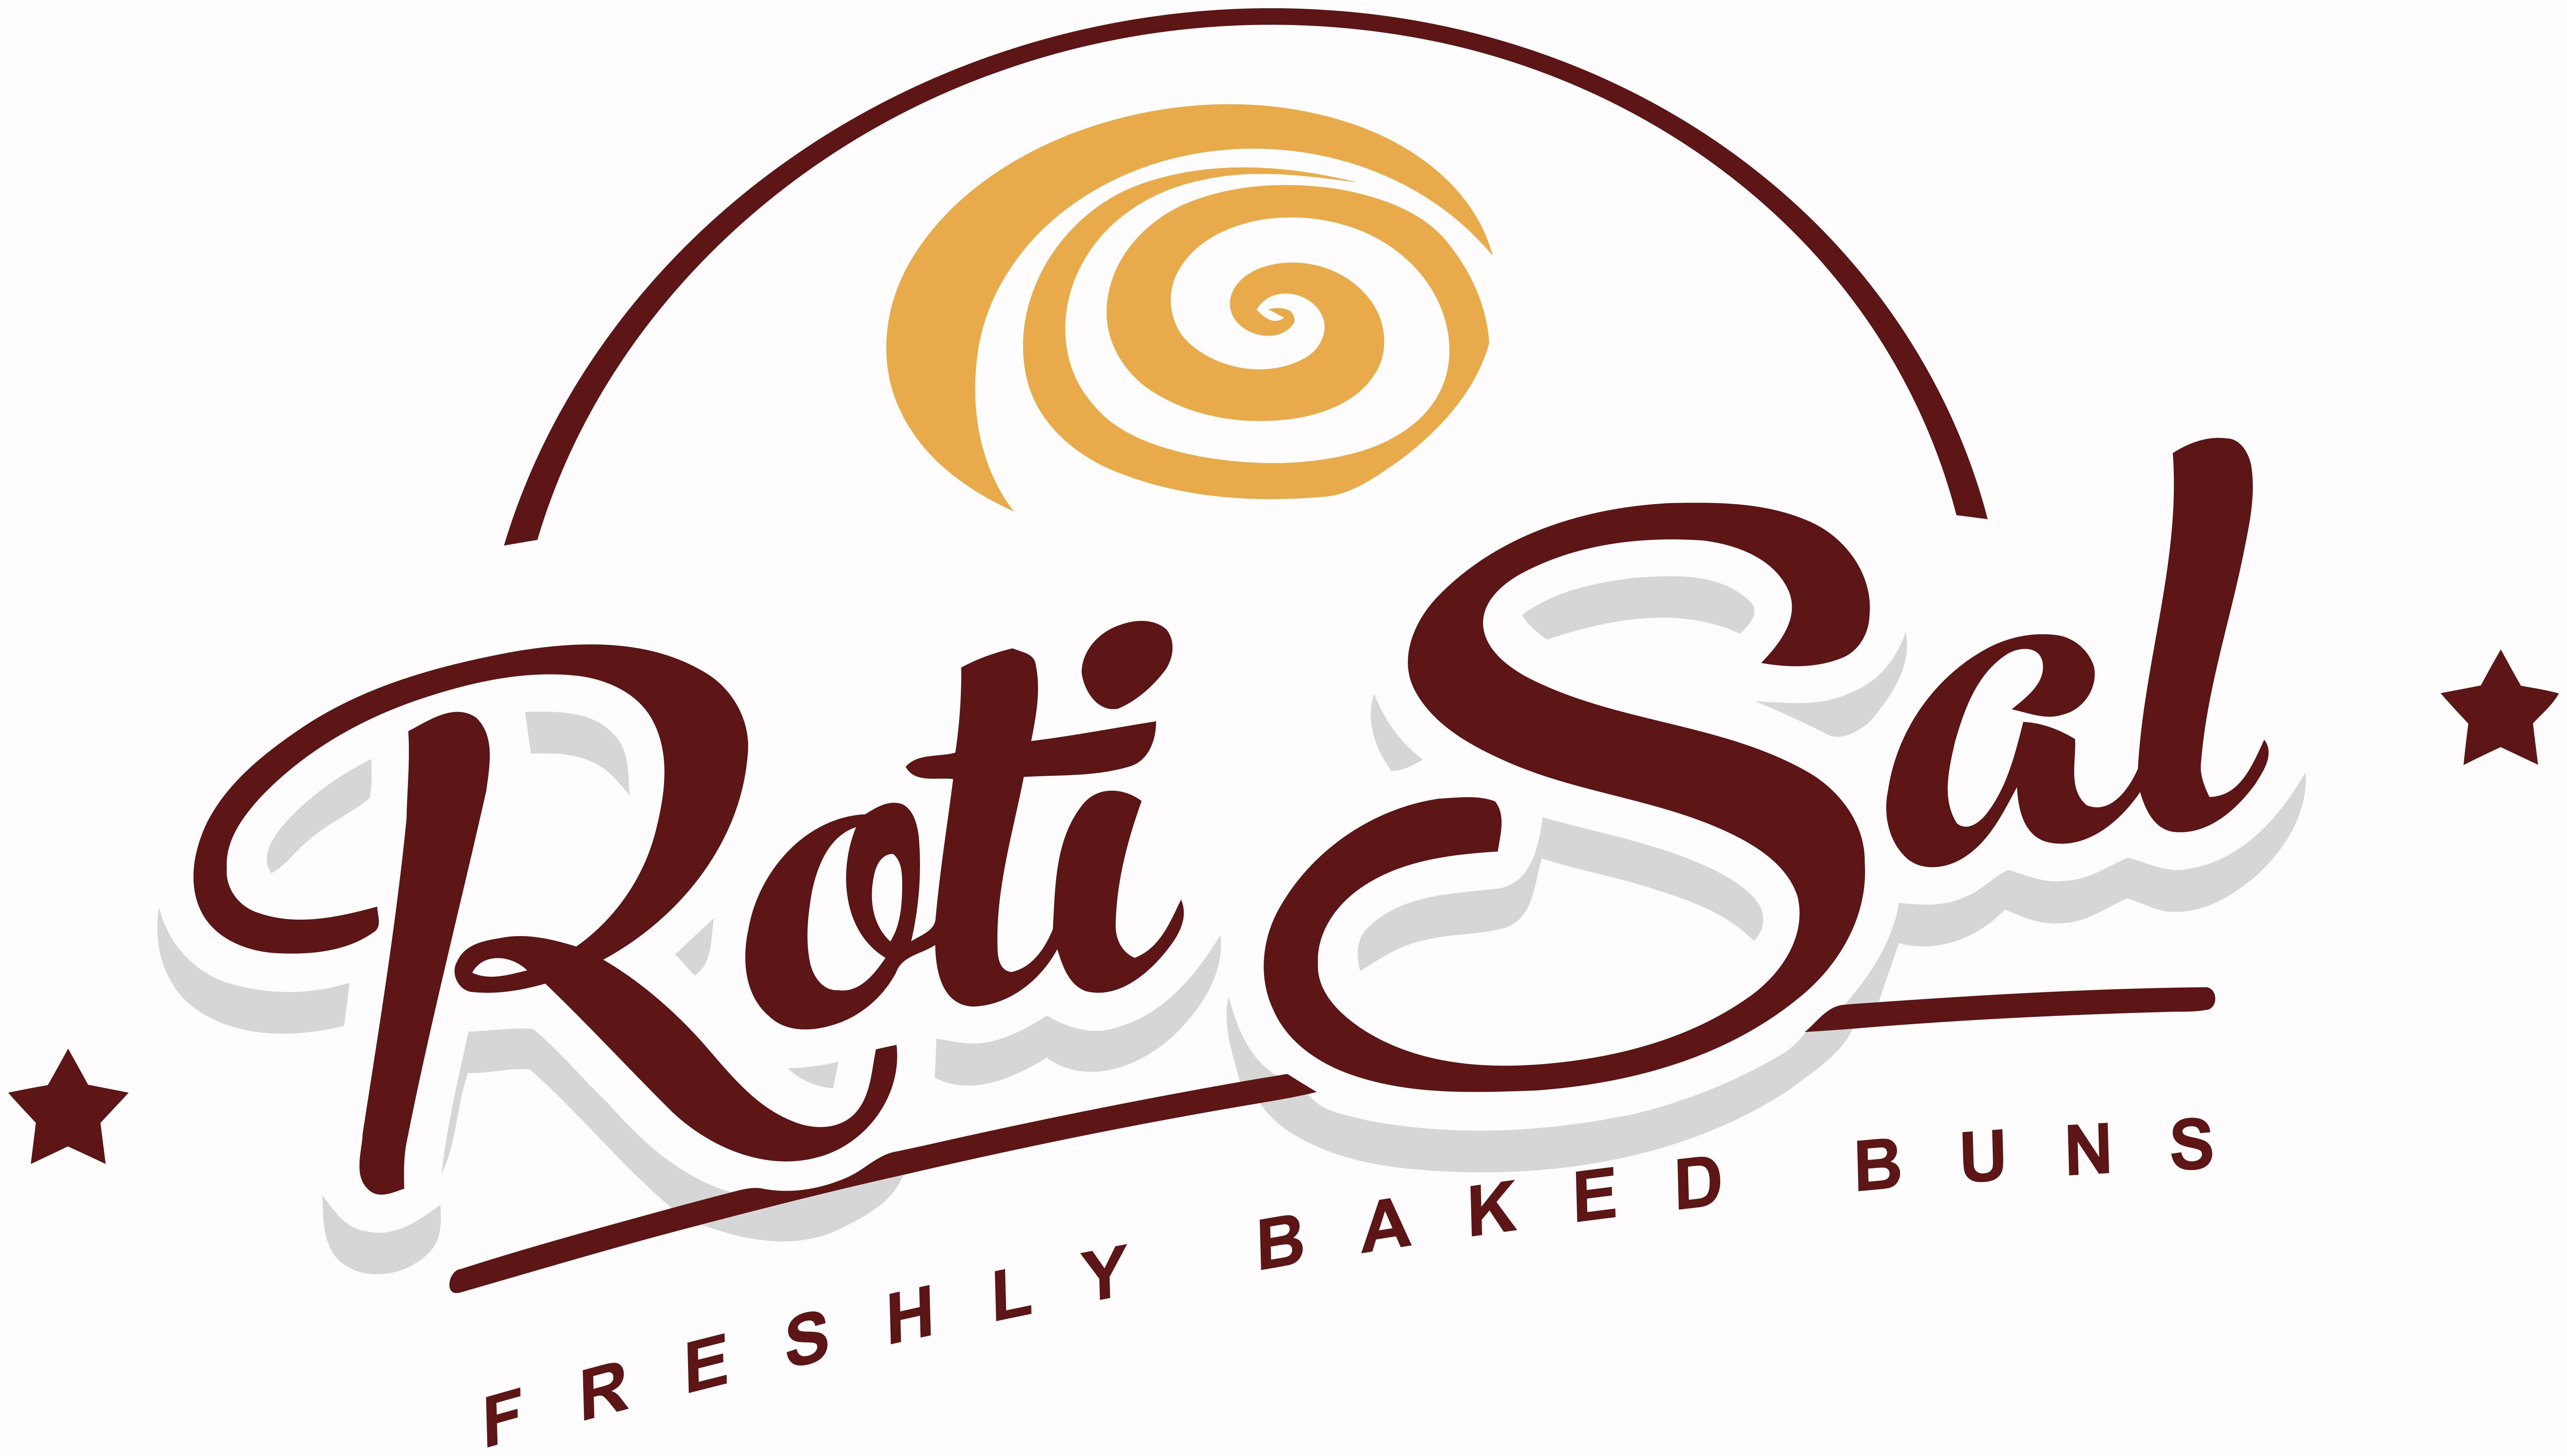 Rotisal - Baked Buns